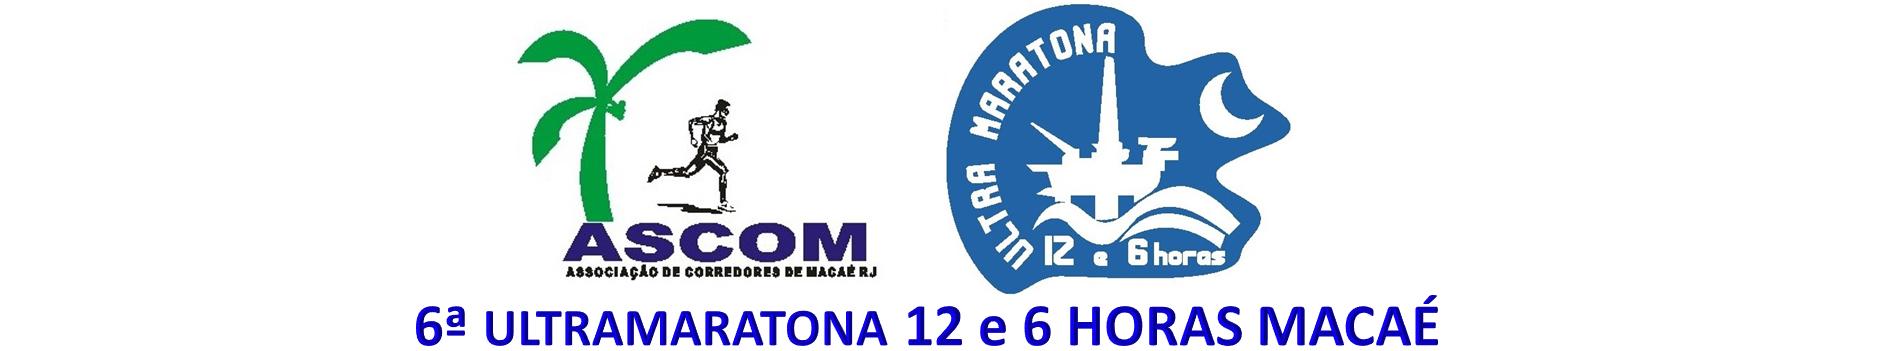 6ª ULTRAMARATONA 6 E 12 HORAS - 2017 - Imagem de topo